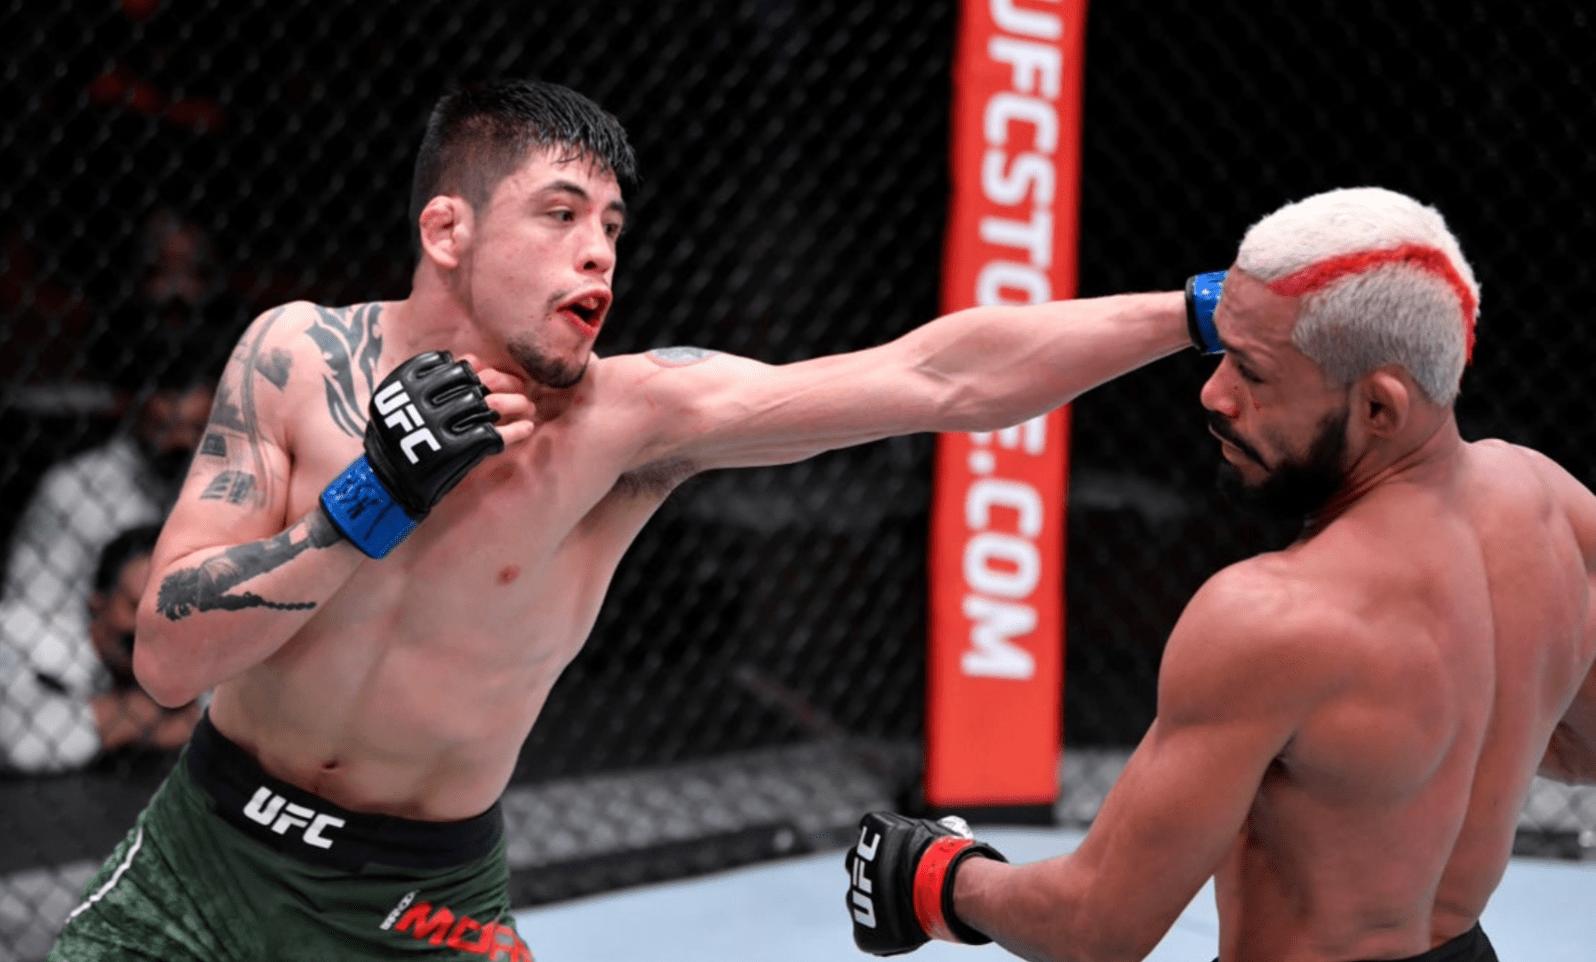 UFC: Brandon Moreno Thinks Deiveson Figueiredo Is Making Excuses